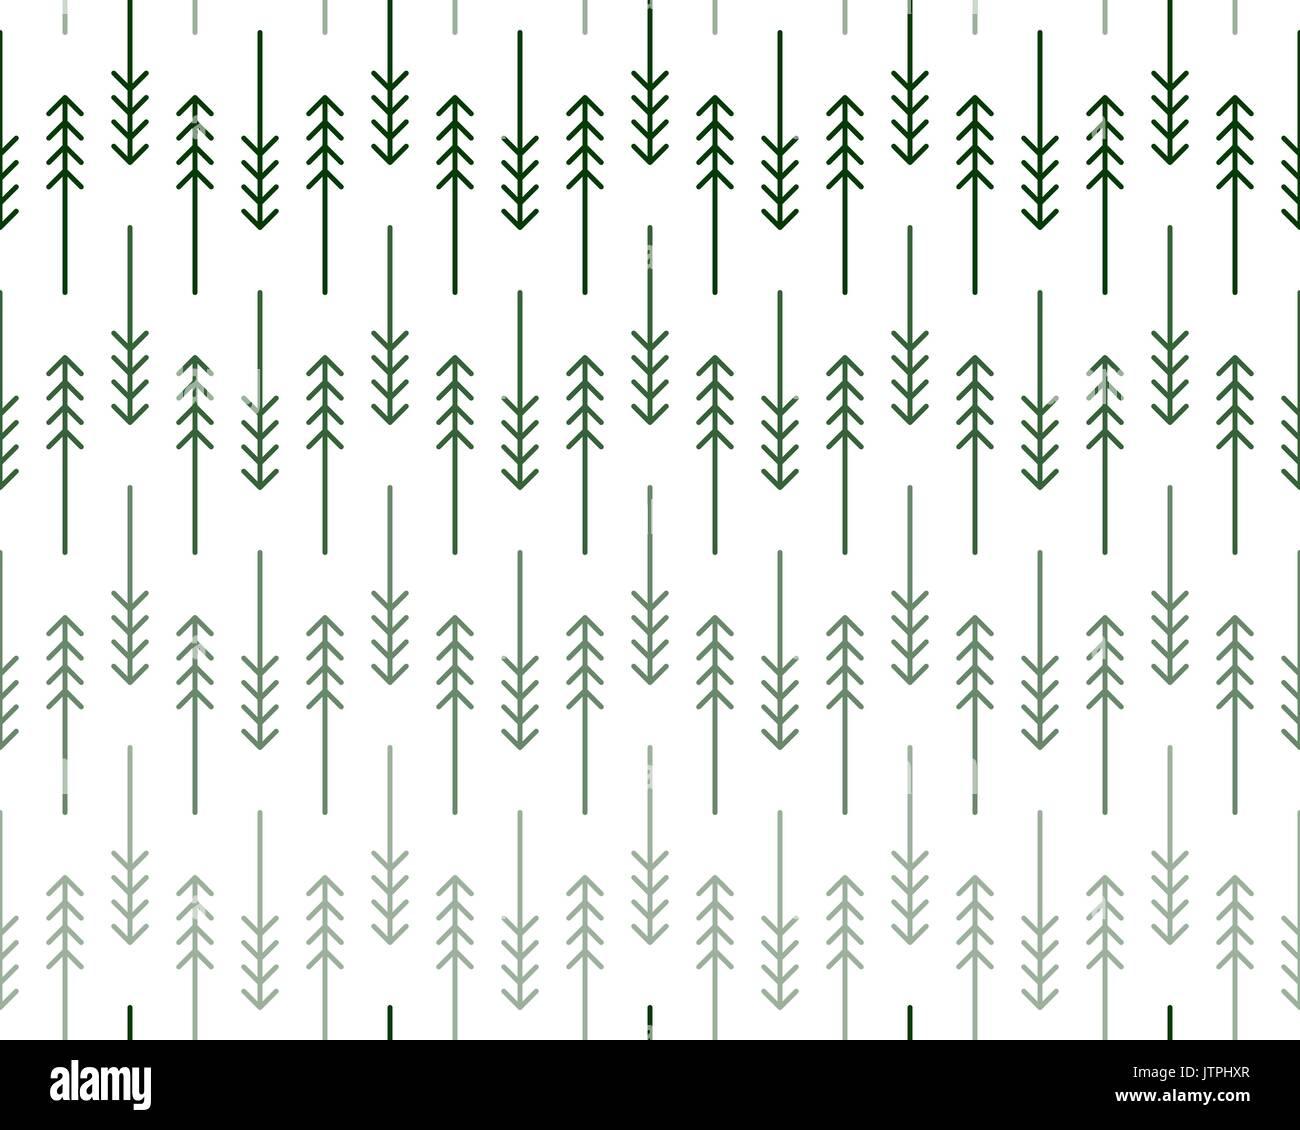 Motif Geometrique Scandinave Avec Lineaire Stylise Et Les Pins Dans Des Tons De Vert Sur Fond Blanc Imprimer Pour Noel Enrouler Du Papier Ou Moder Image Vectorielle Stock Alamy